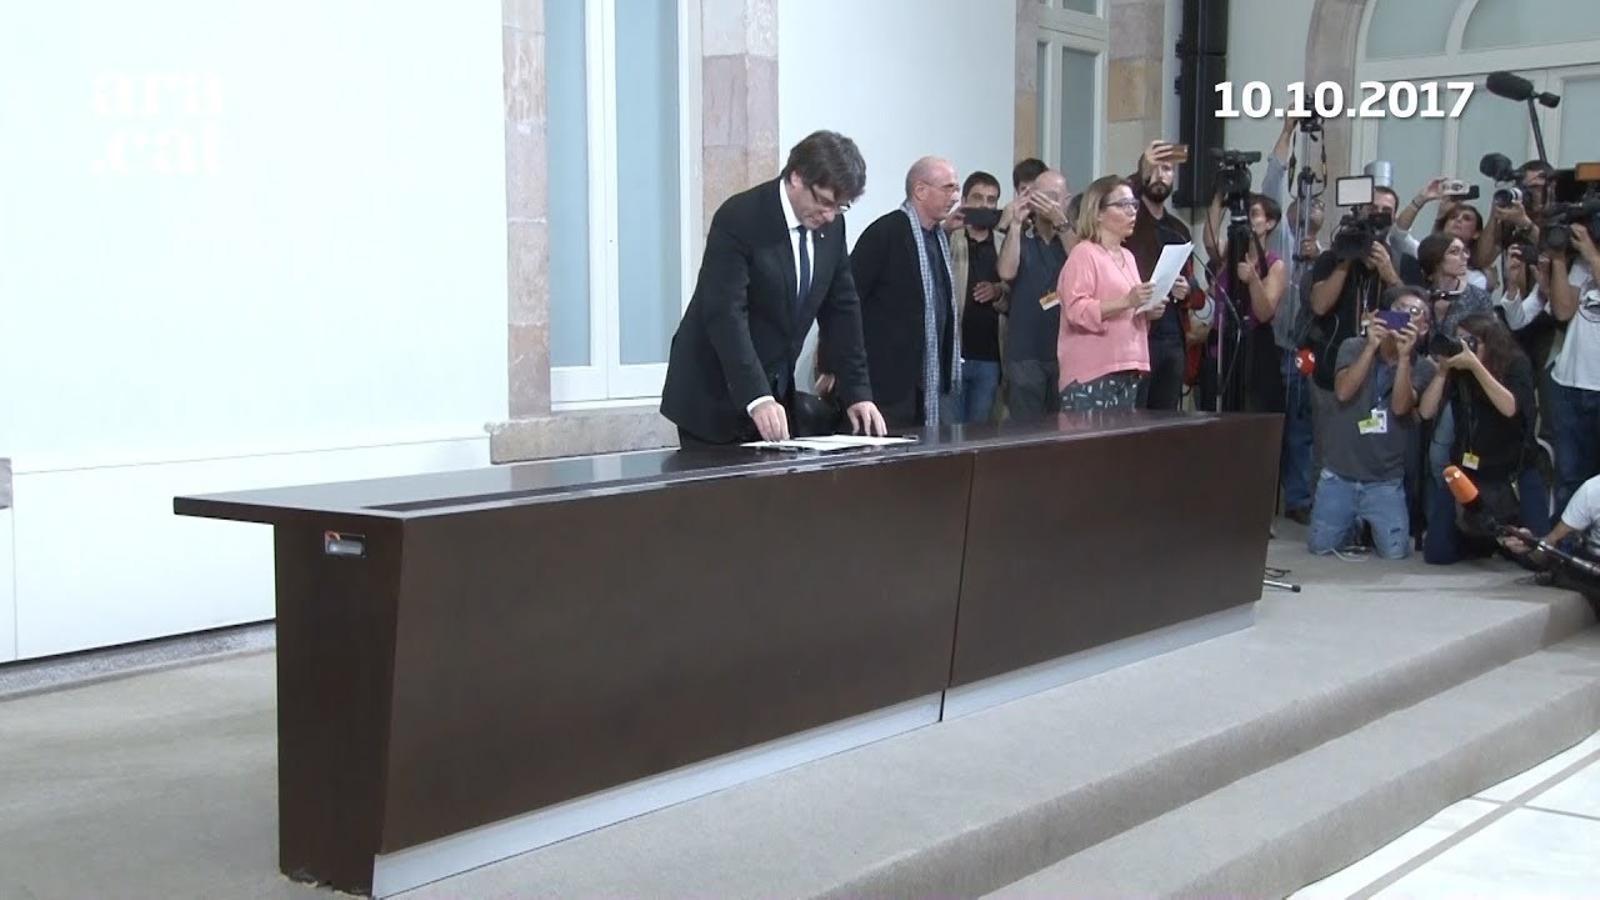 10-O: Puigdemont declara i suspèn la DUI (10-10-2017)